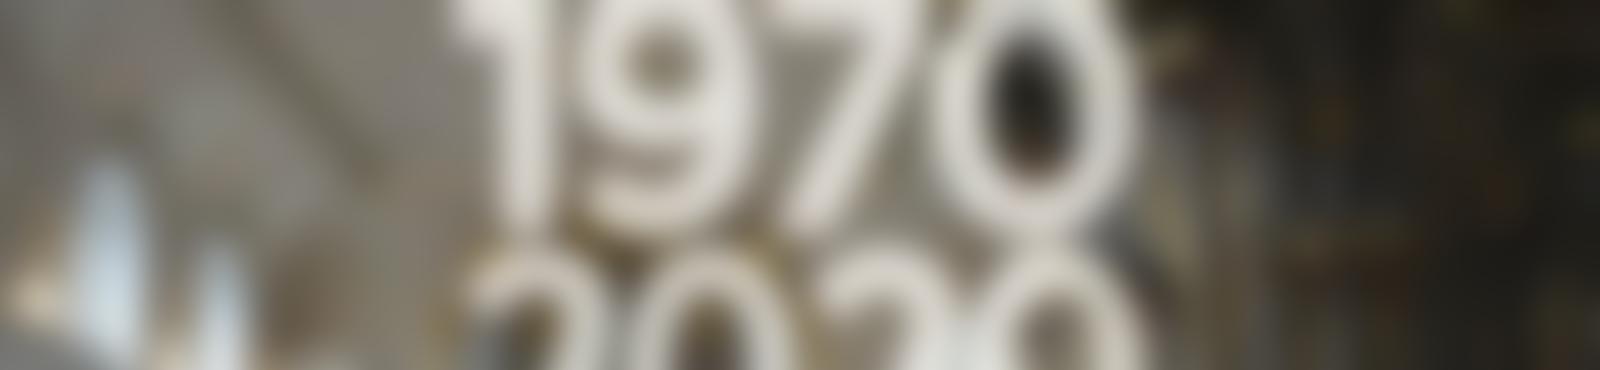 Blurred e6193d3b a5b2 4b95 b417 08a4d16da54e